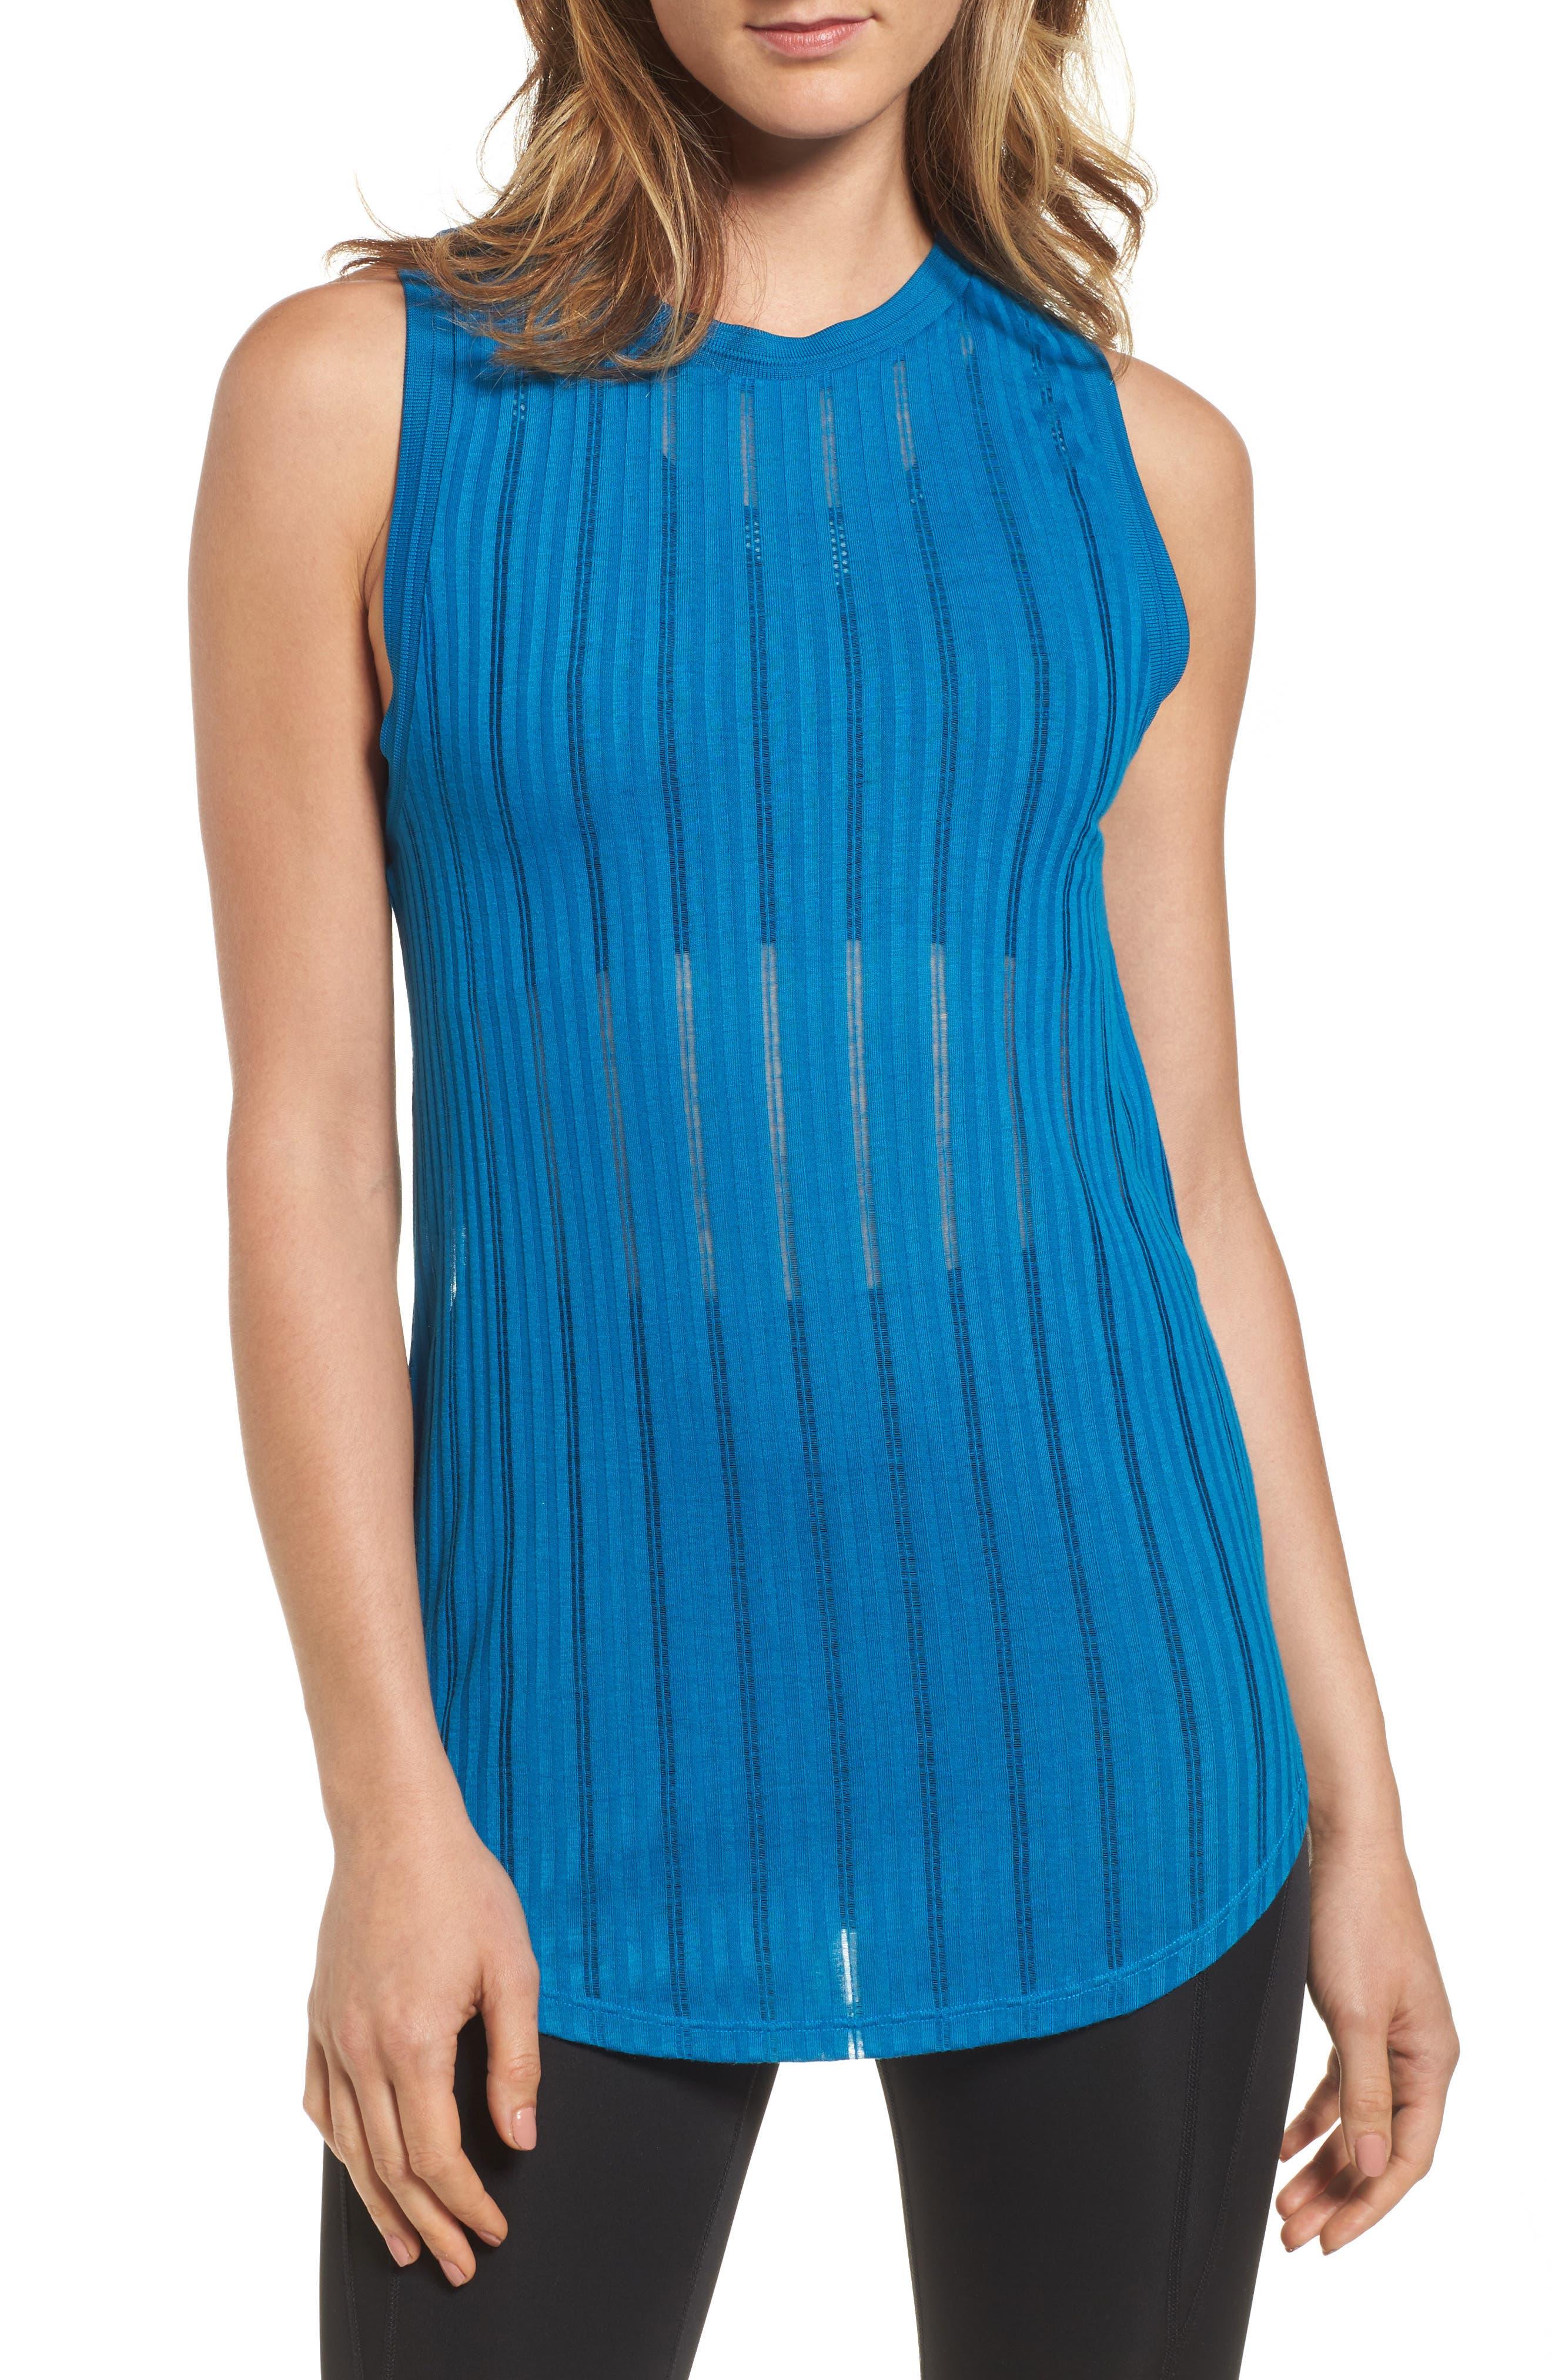 IVY PARK® Drop Needle Knit Tank